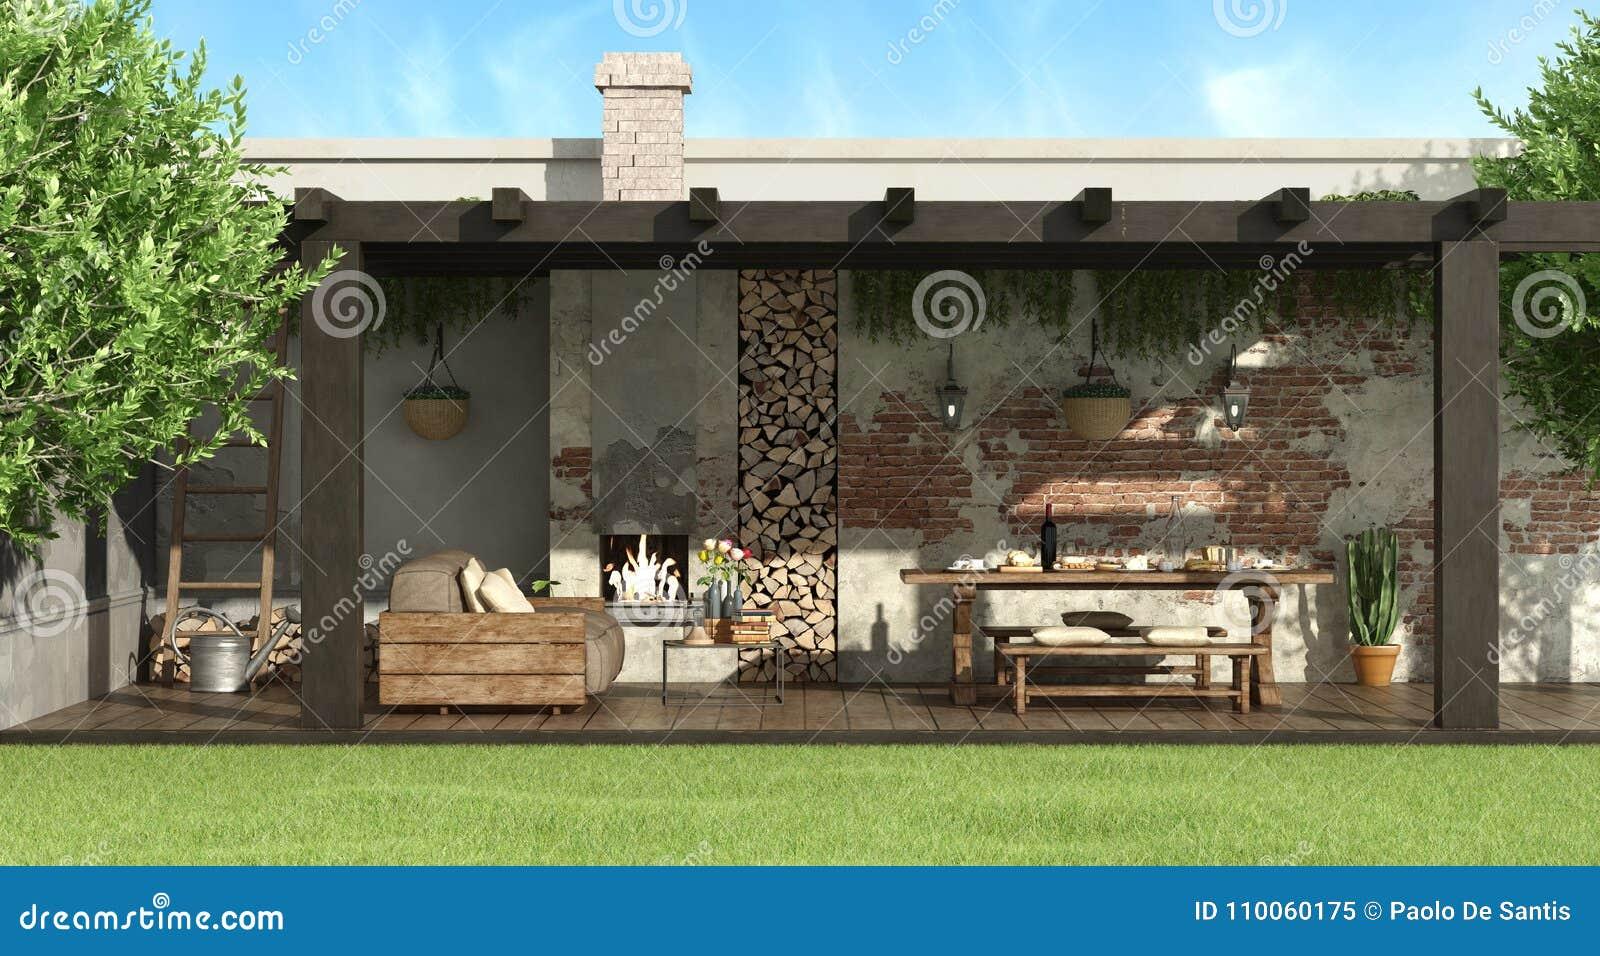 Tavolo Da Giardino Con Barbecue.Pergola Rustica In Un Giardino Illustrazione Di Stock